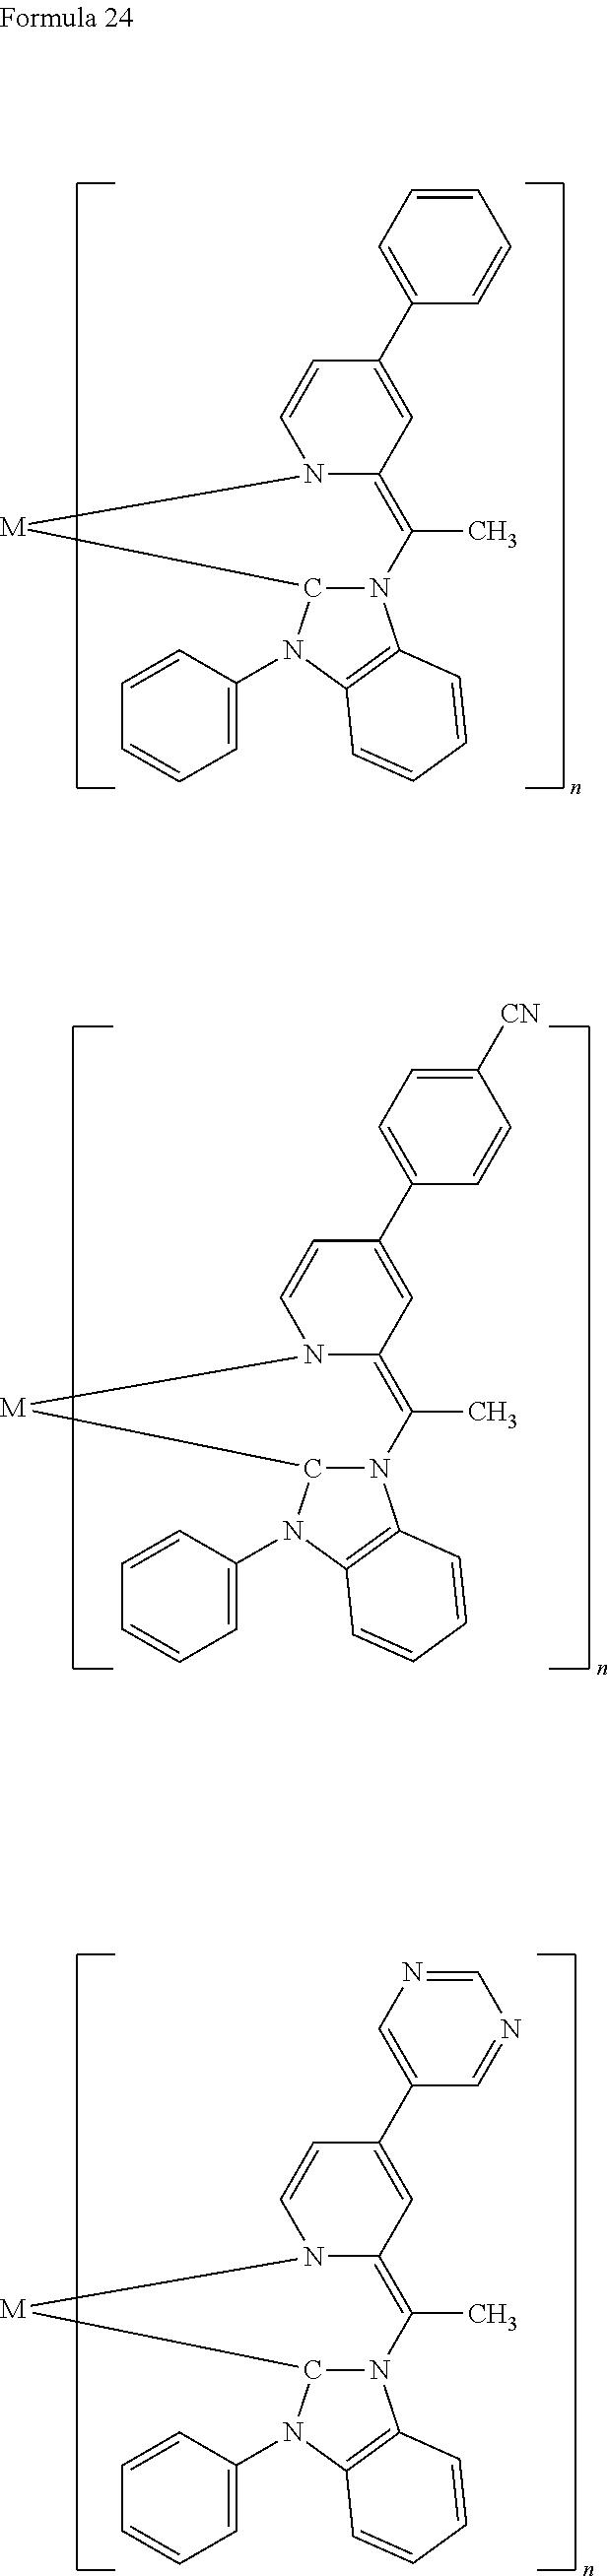 Figure US09966544-20180508-C00029